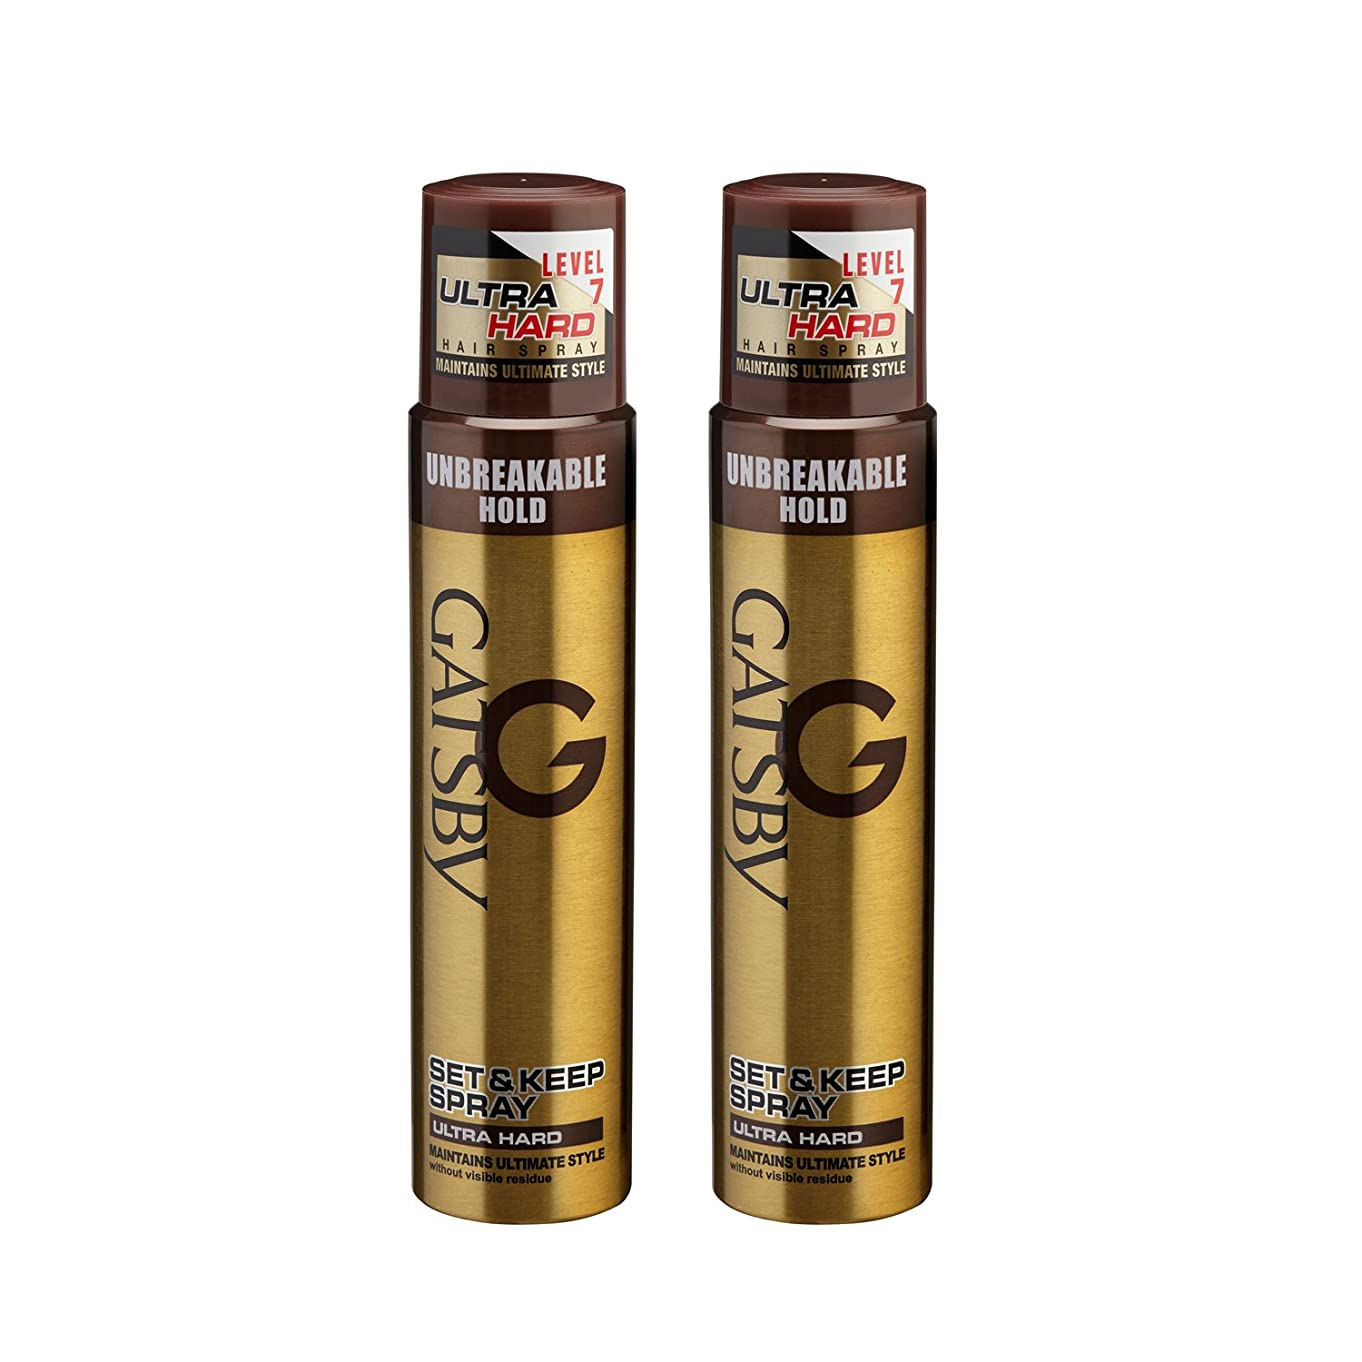 長老影響力のある頬Gatsby Set and Keep Hair Spray Ultra Hard, 250ml (Pack of 2)